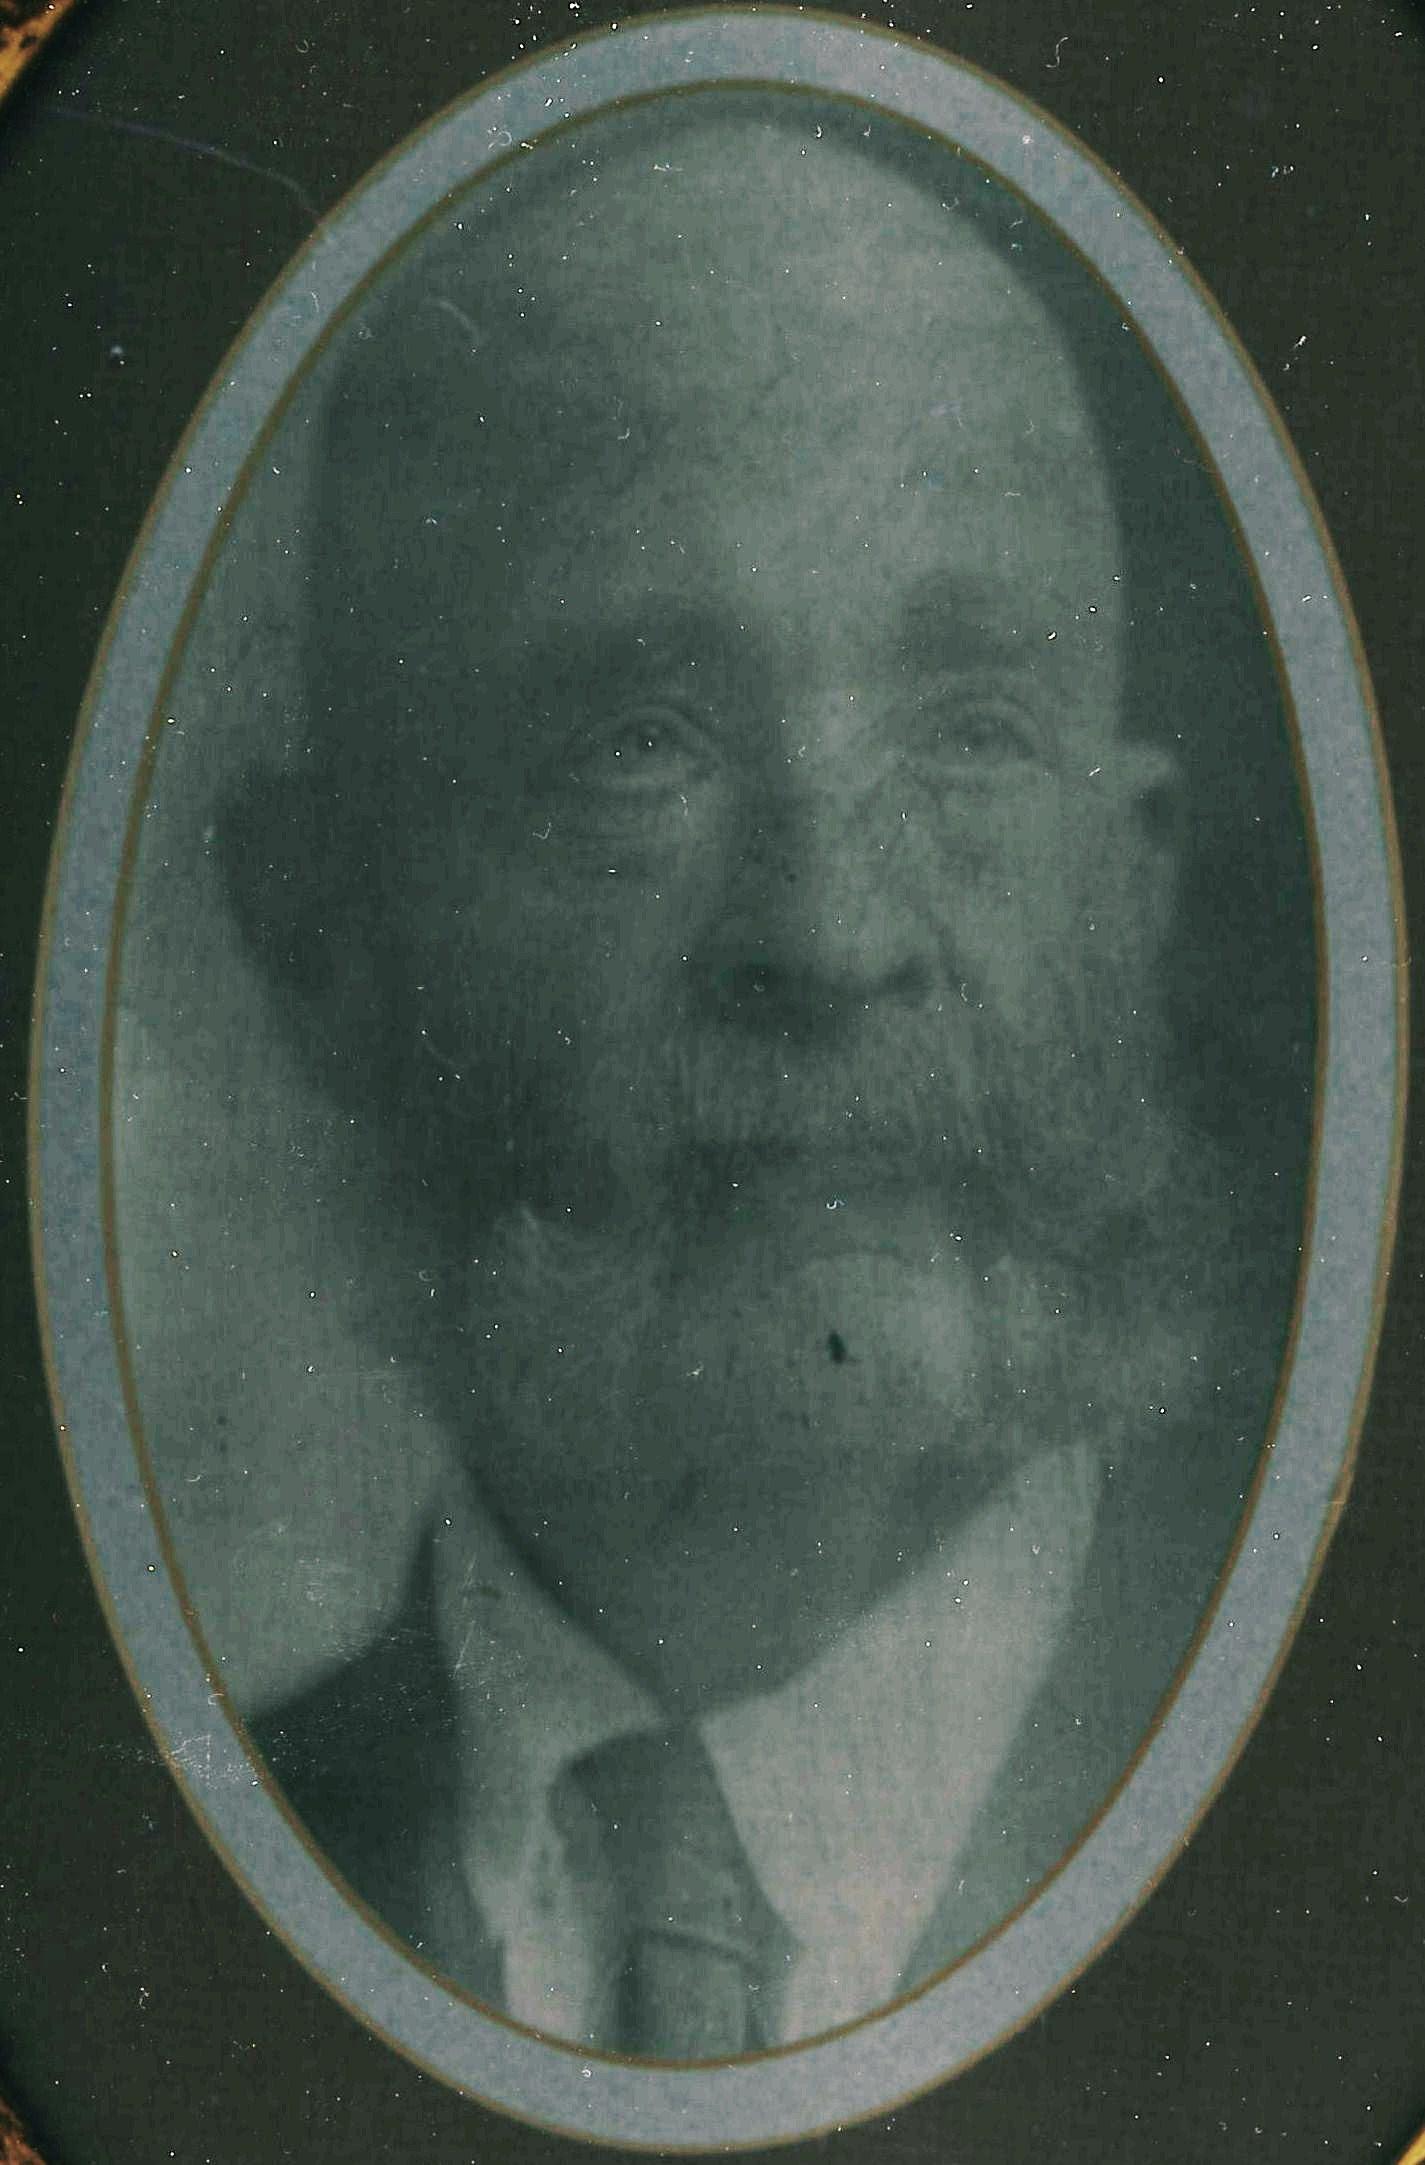 Solease Alexander Allen